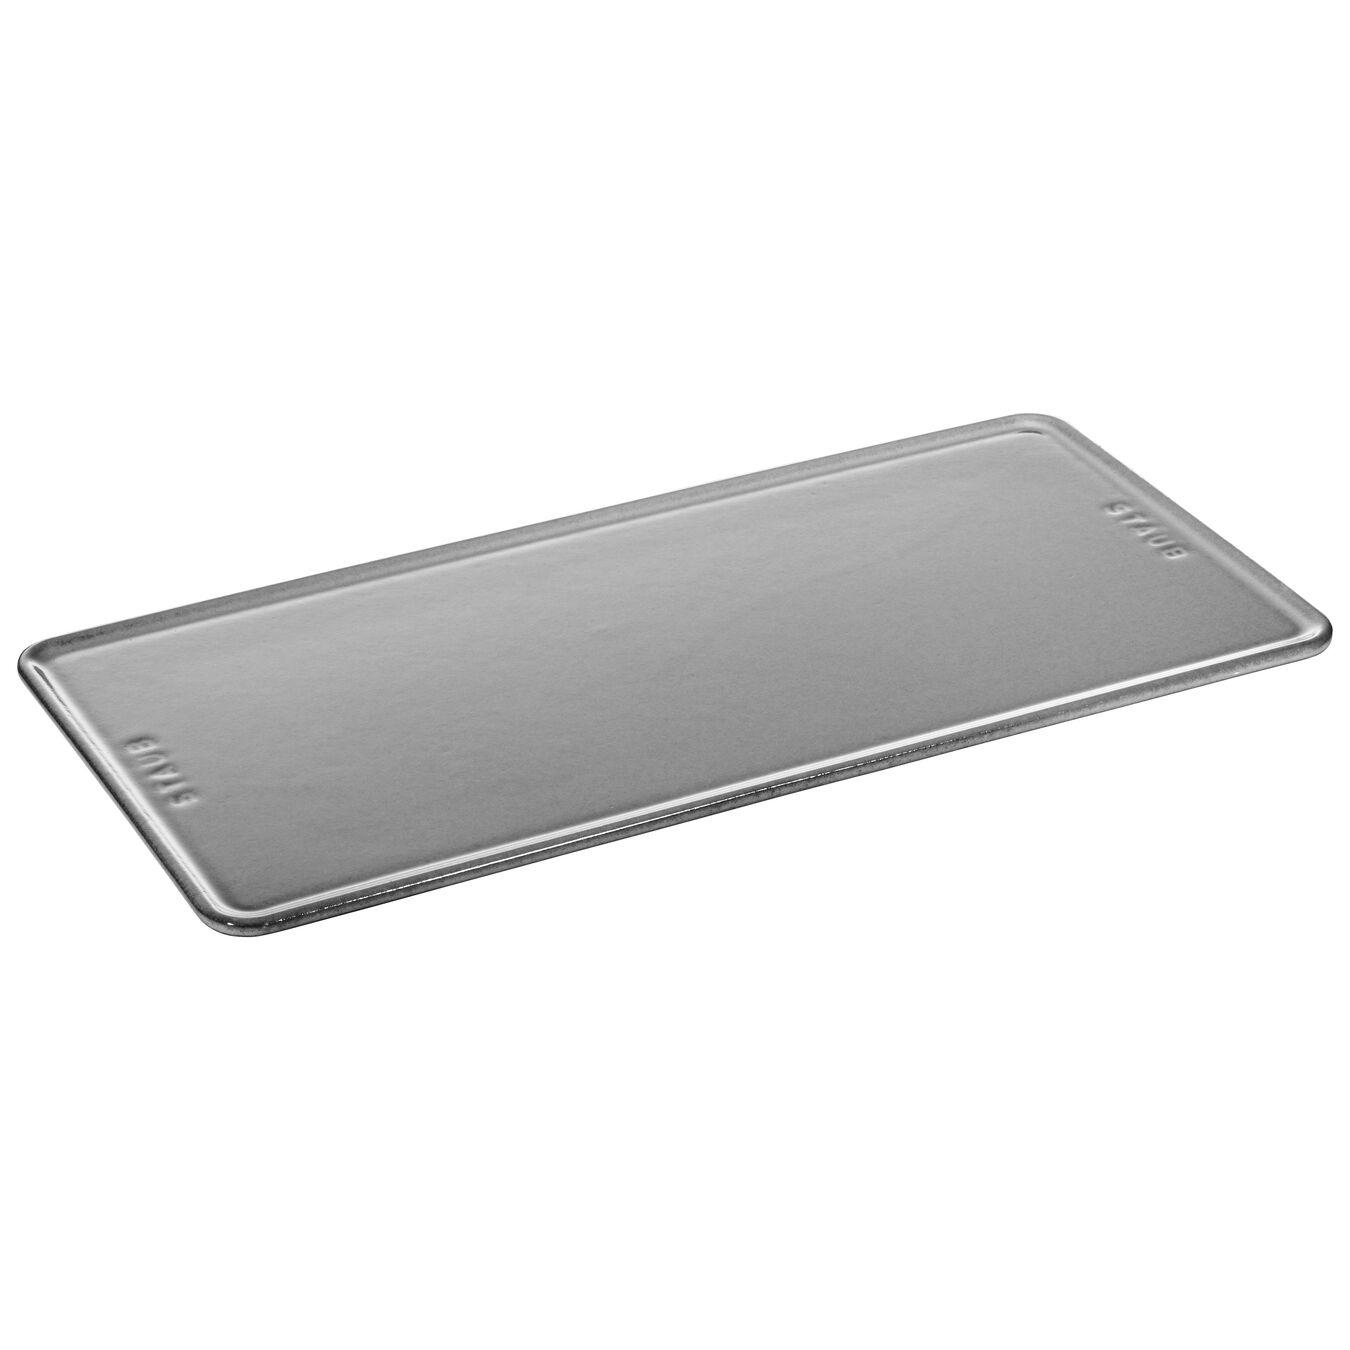 Piatto da servizio quadrato - 30 cm x 15 cm, grigio grafite,,large 1